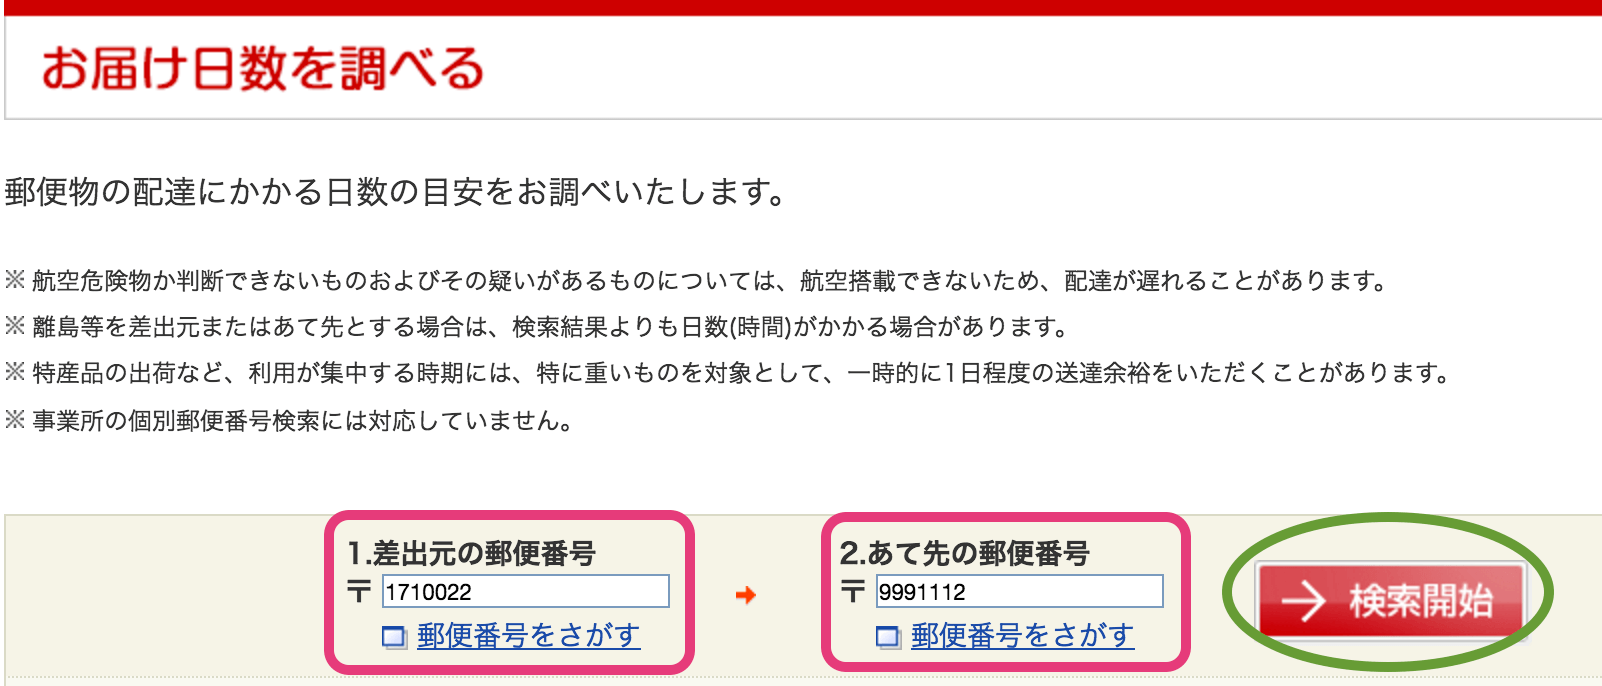 郵便局_お届け日数を調べるのサイトの画像